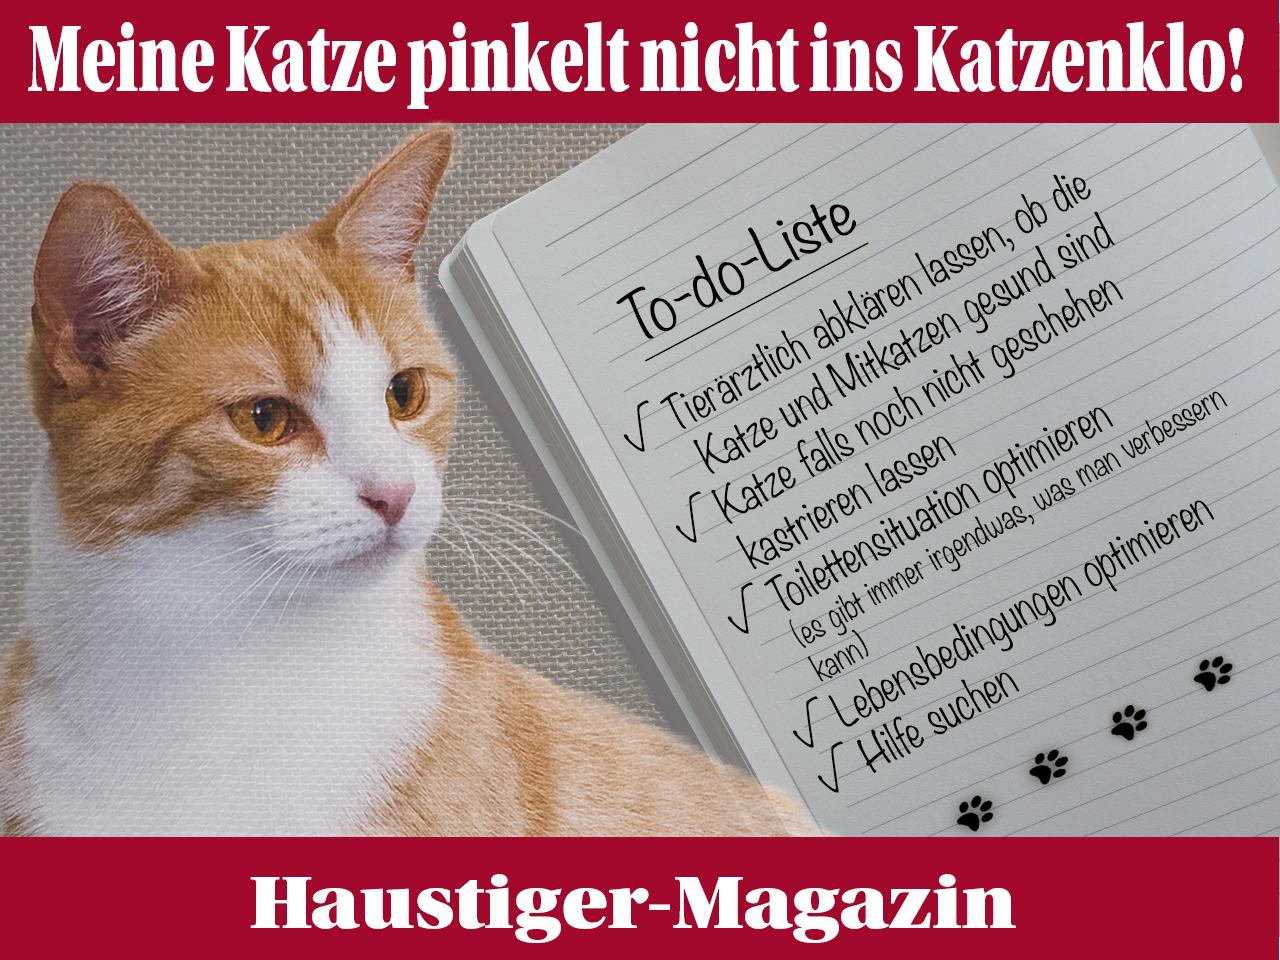 35 Gründe für Unsauberkeit bei Katzen und Lösungen - Haustiger